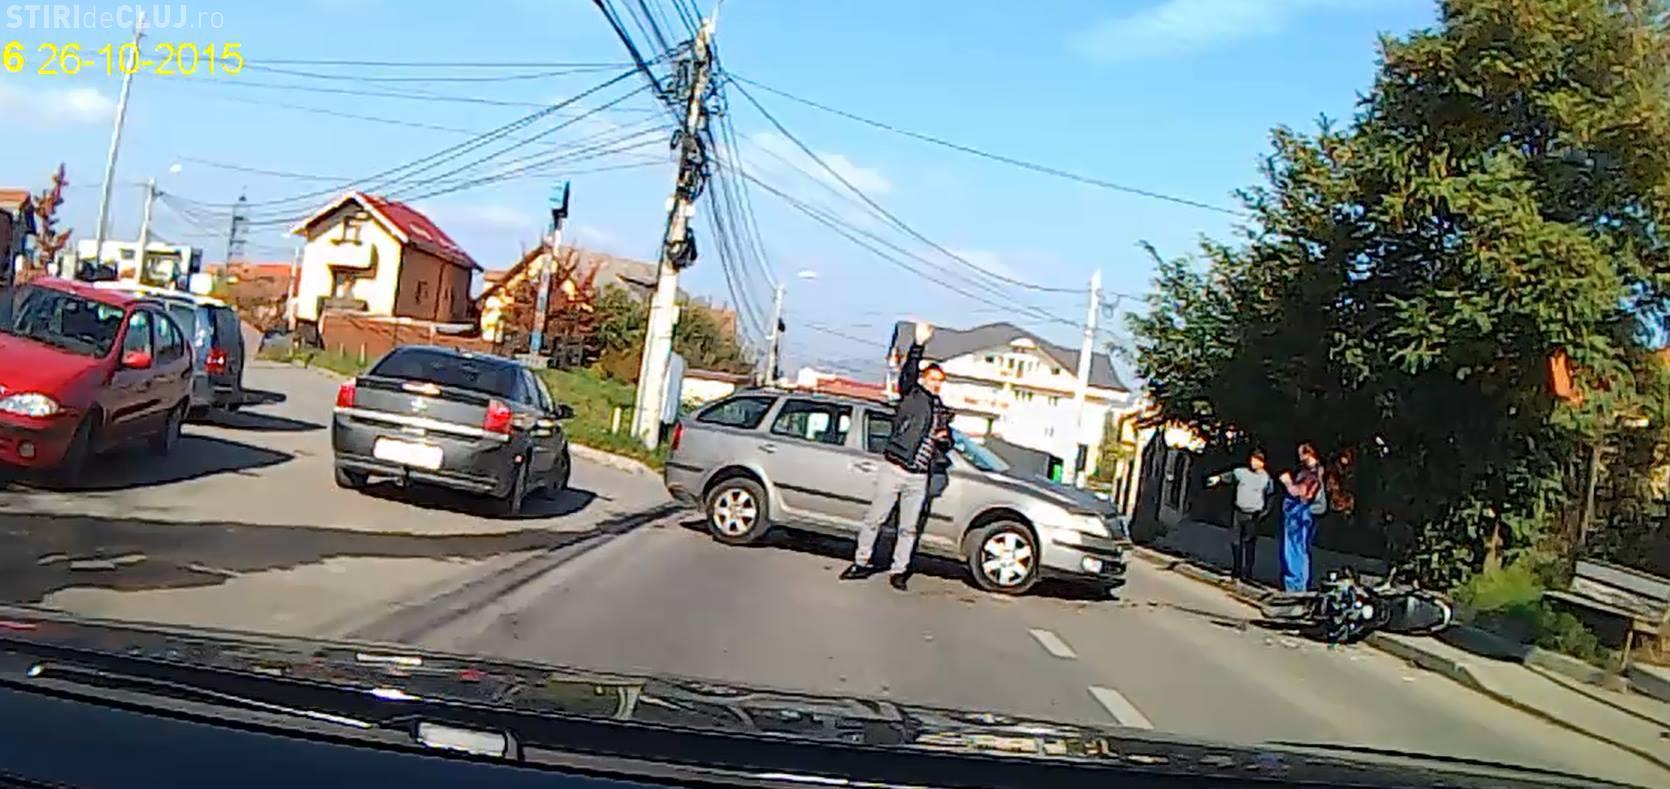 Doi studenți străini de la UMF Cluj aflați pe o motocicletă, accidentați GRAV la Cluj-Napoca -  FOTO